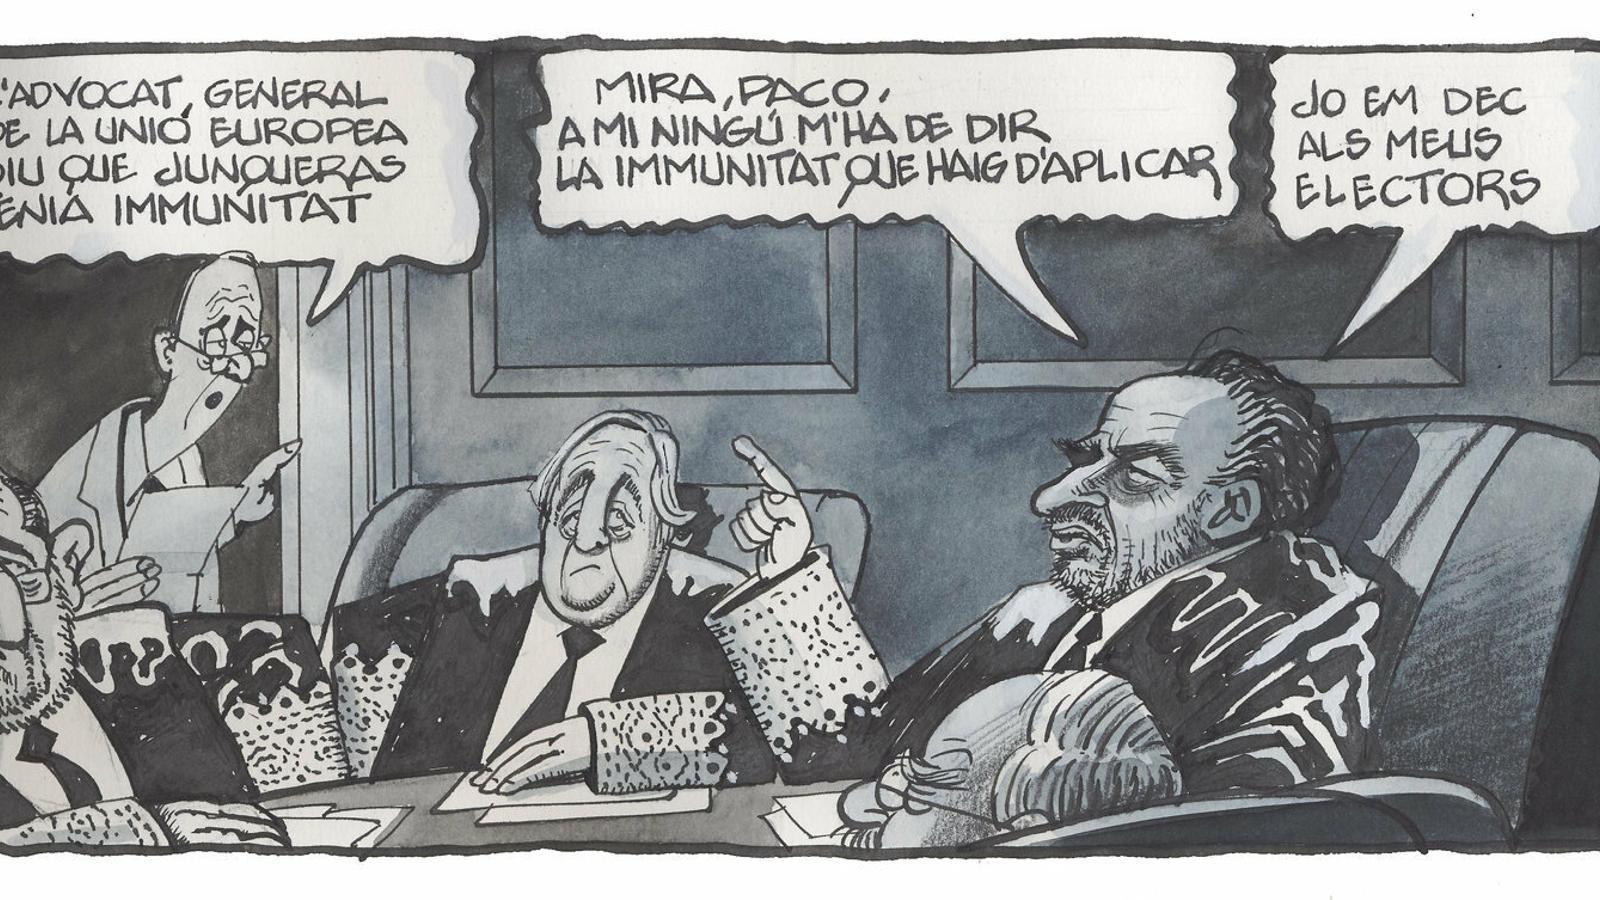 'A la contra', per Ferreres 16/11/2019